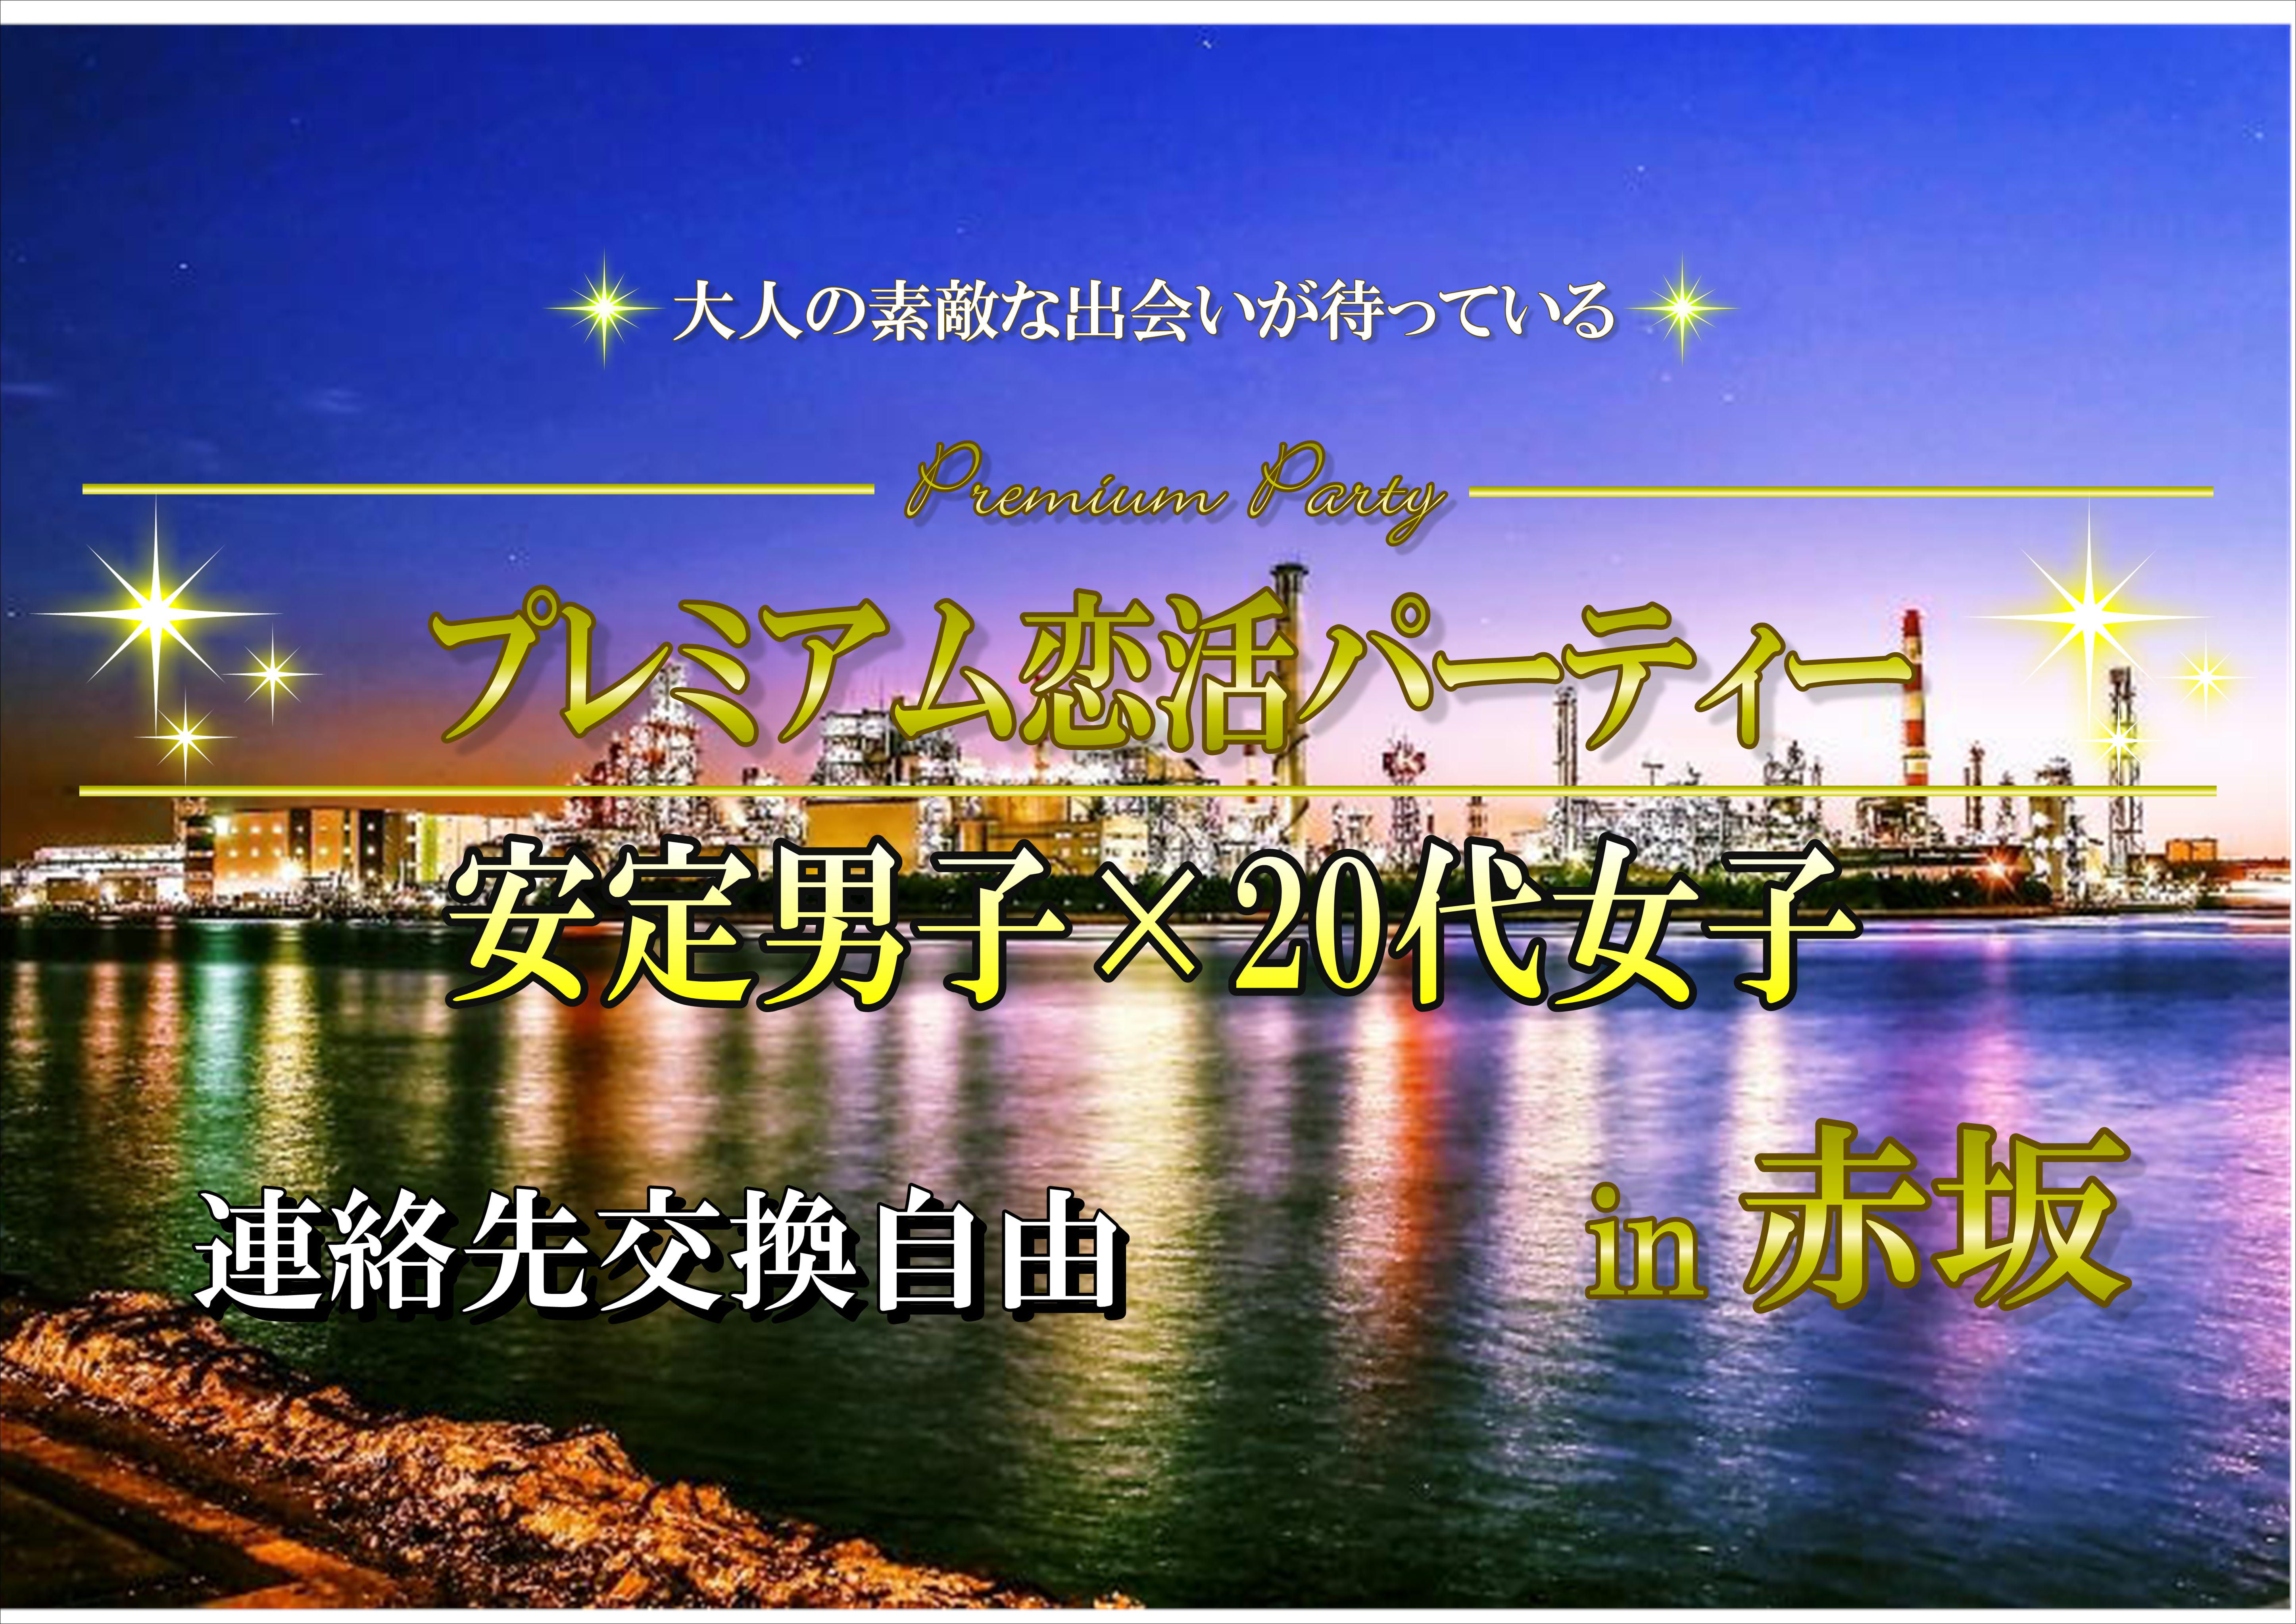 大人気イベント!!【安定男子】×【20代女子】恋活パーティin赤坂☆